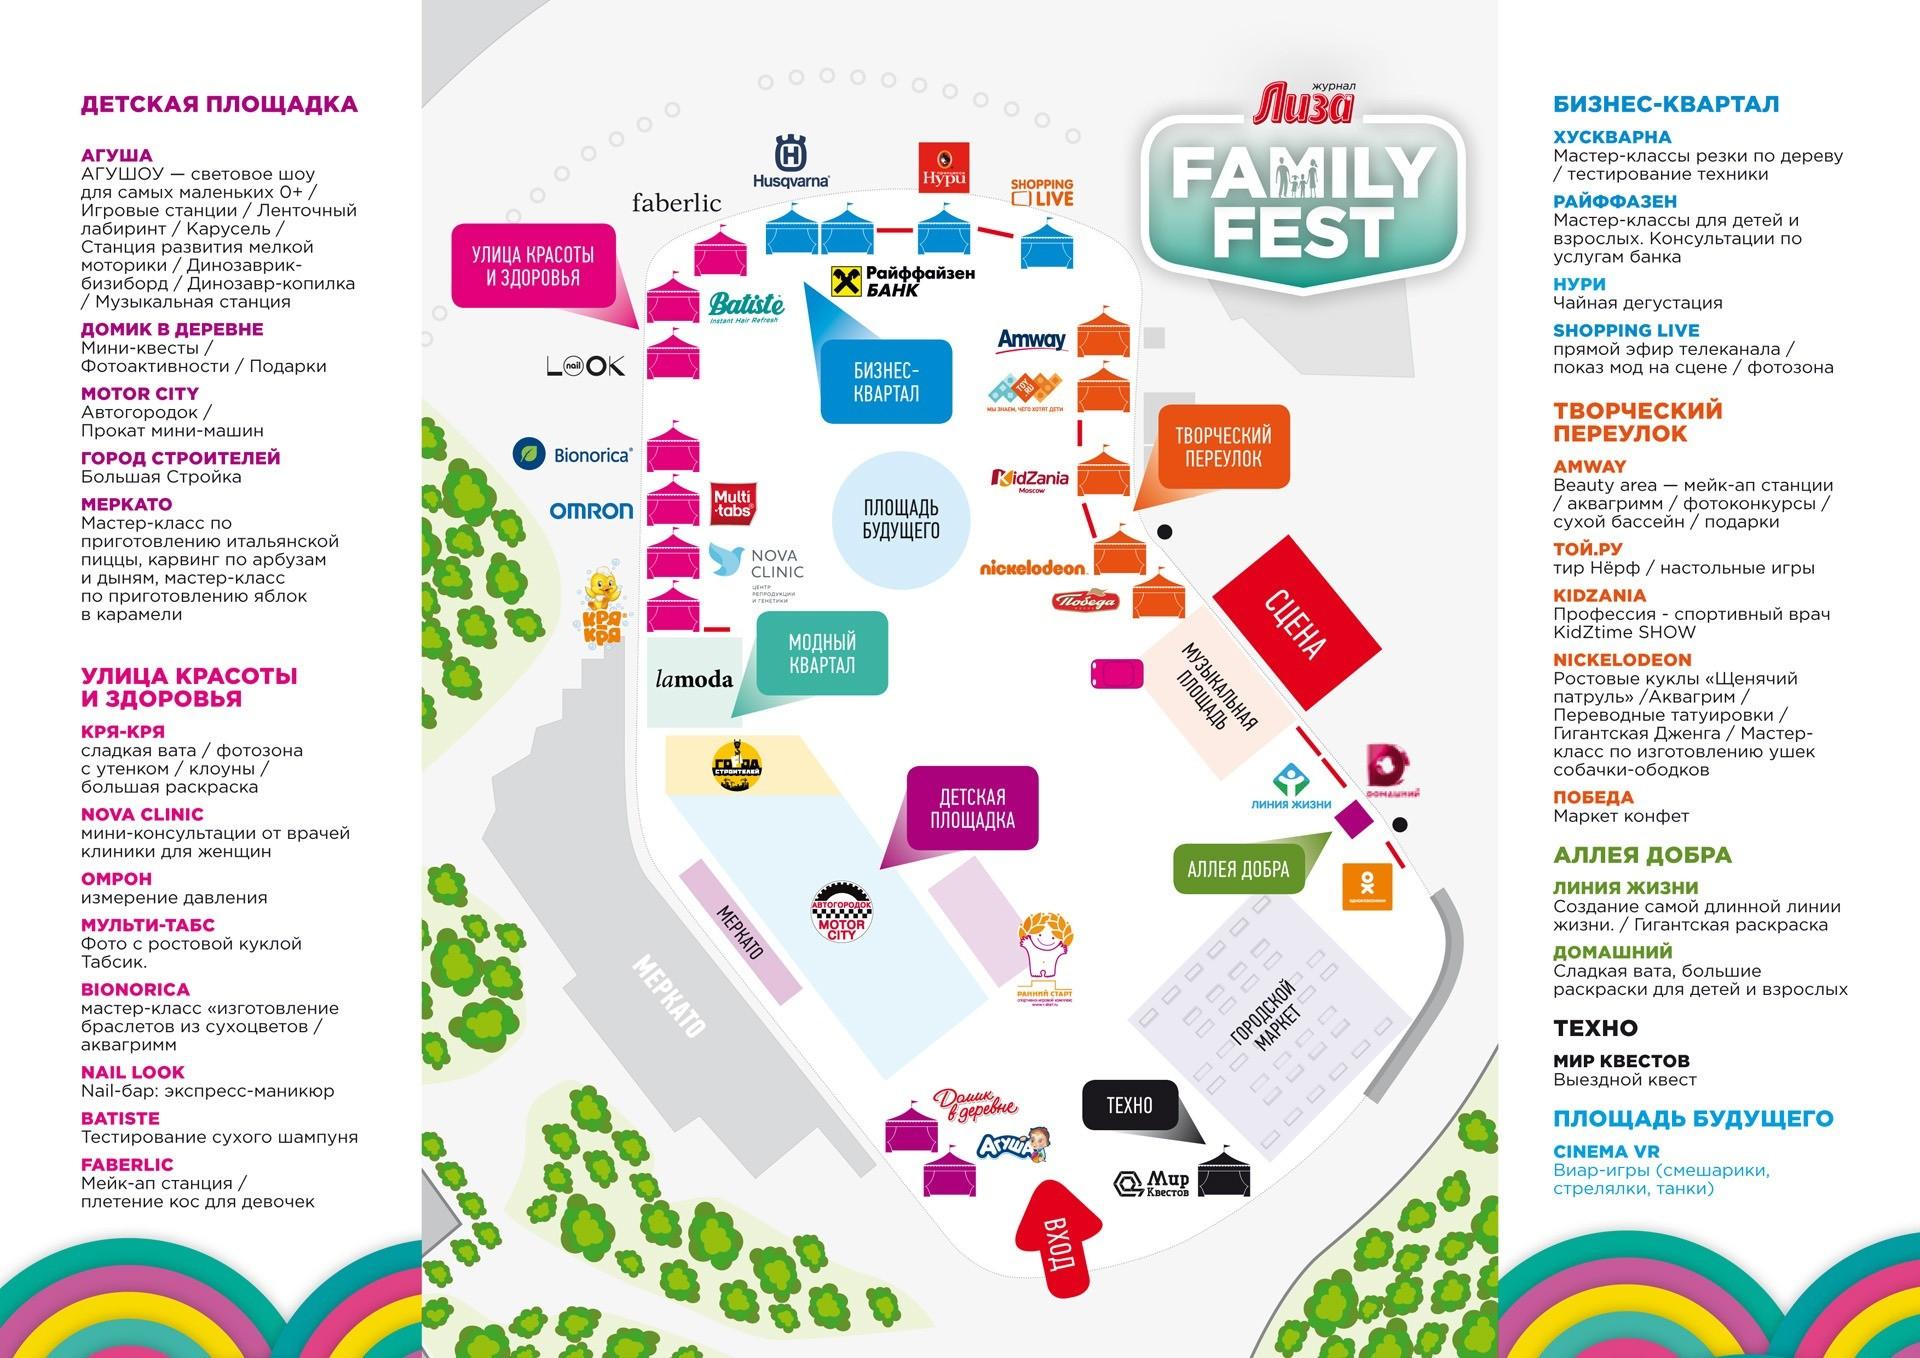 Встречайте новый формат семейных городских фестивалей Лиза. Family Fest!